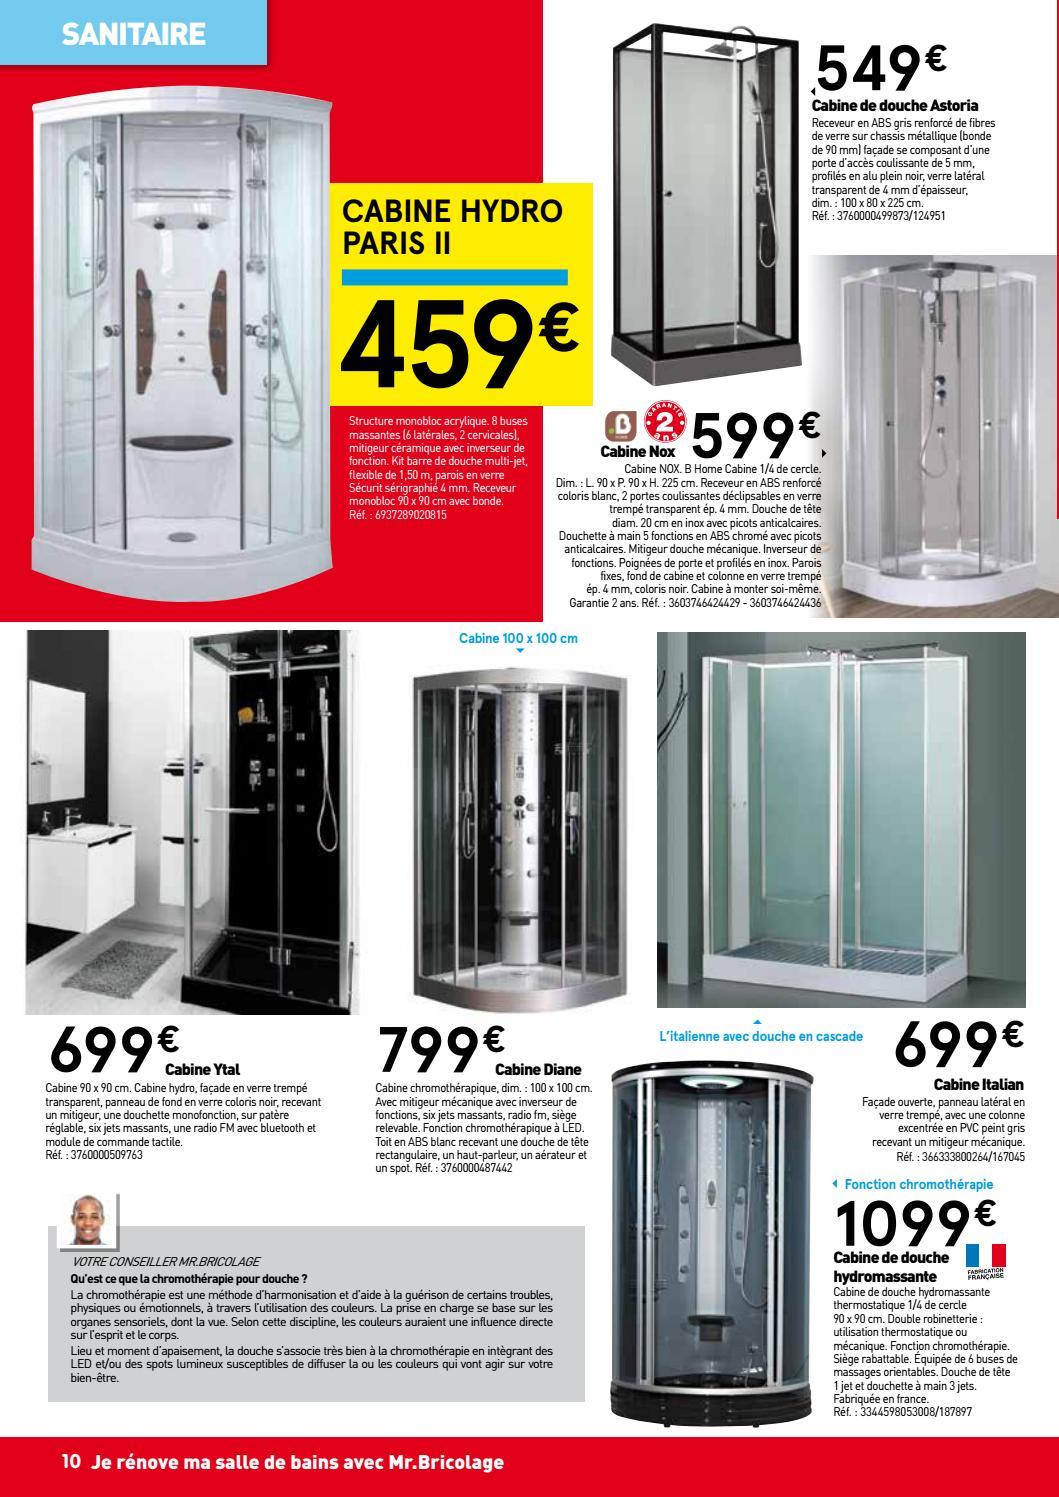 Catalogue Salle De Bain Monsieur Bricolage ~ mr bricolage salle de bain catalogue alamode furniture com